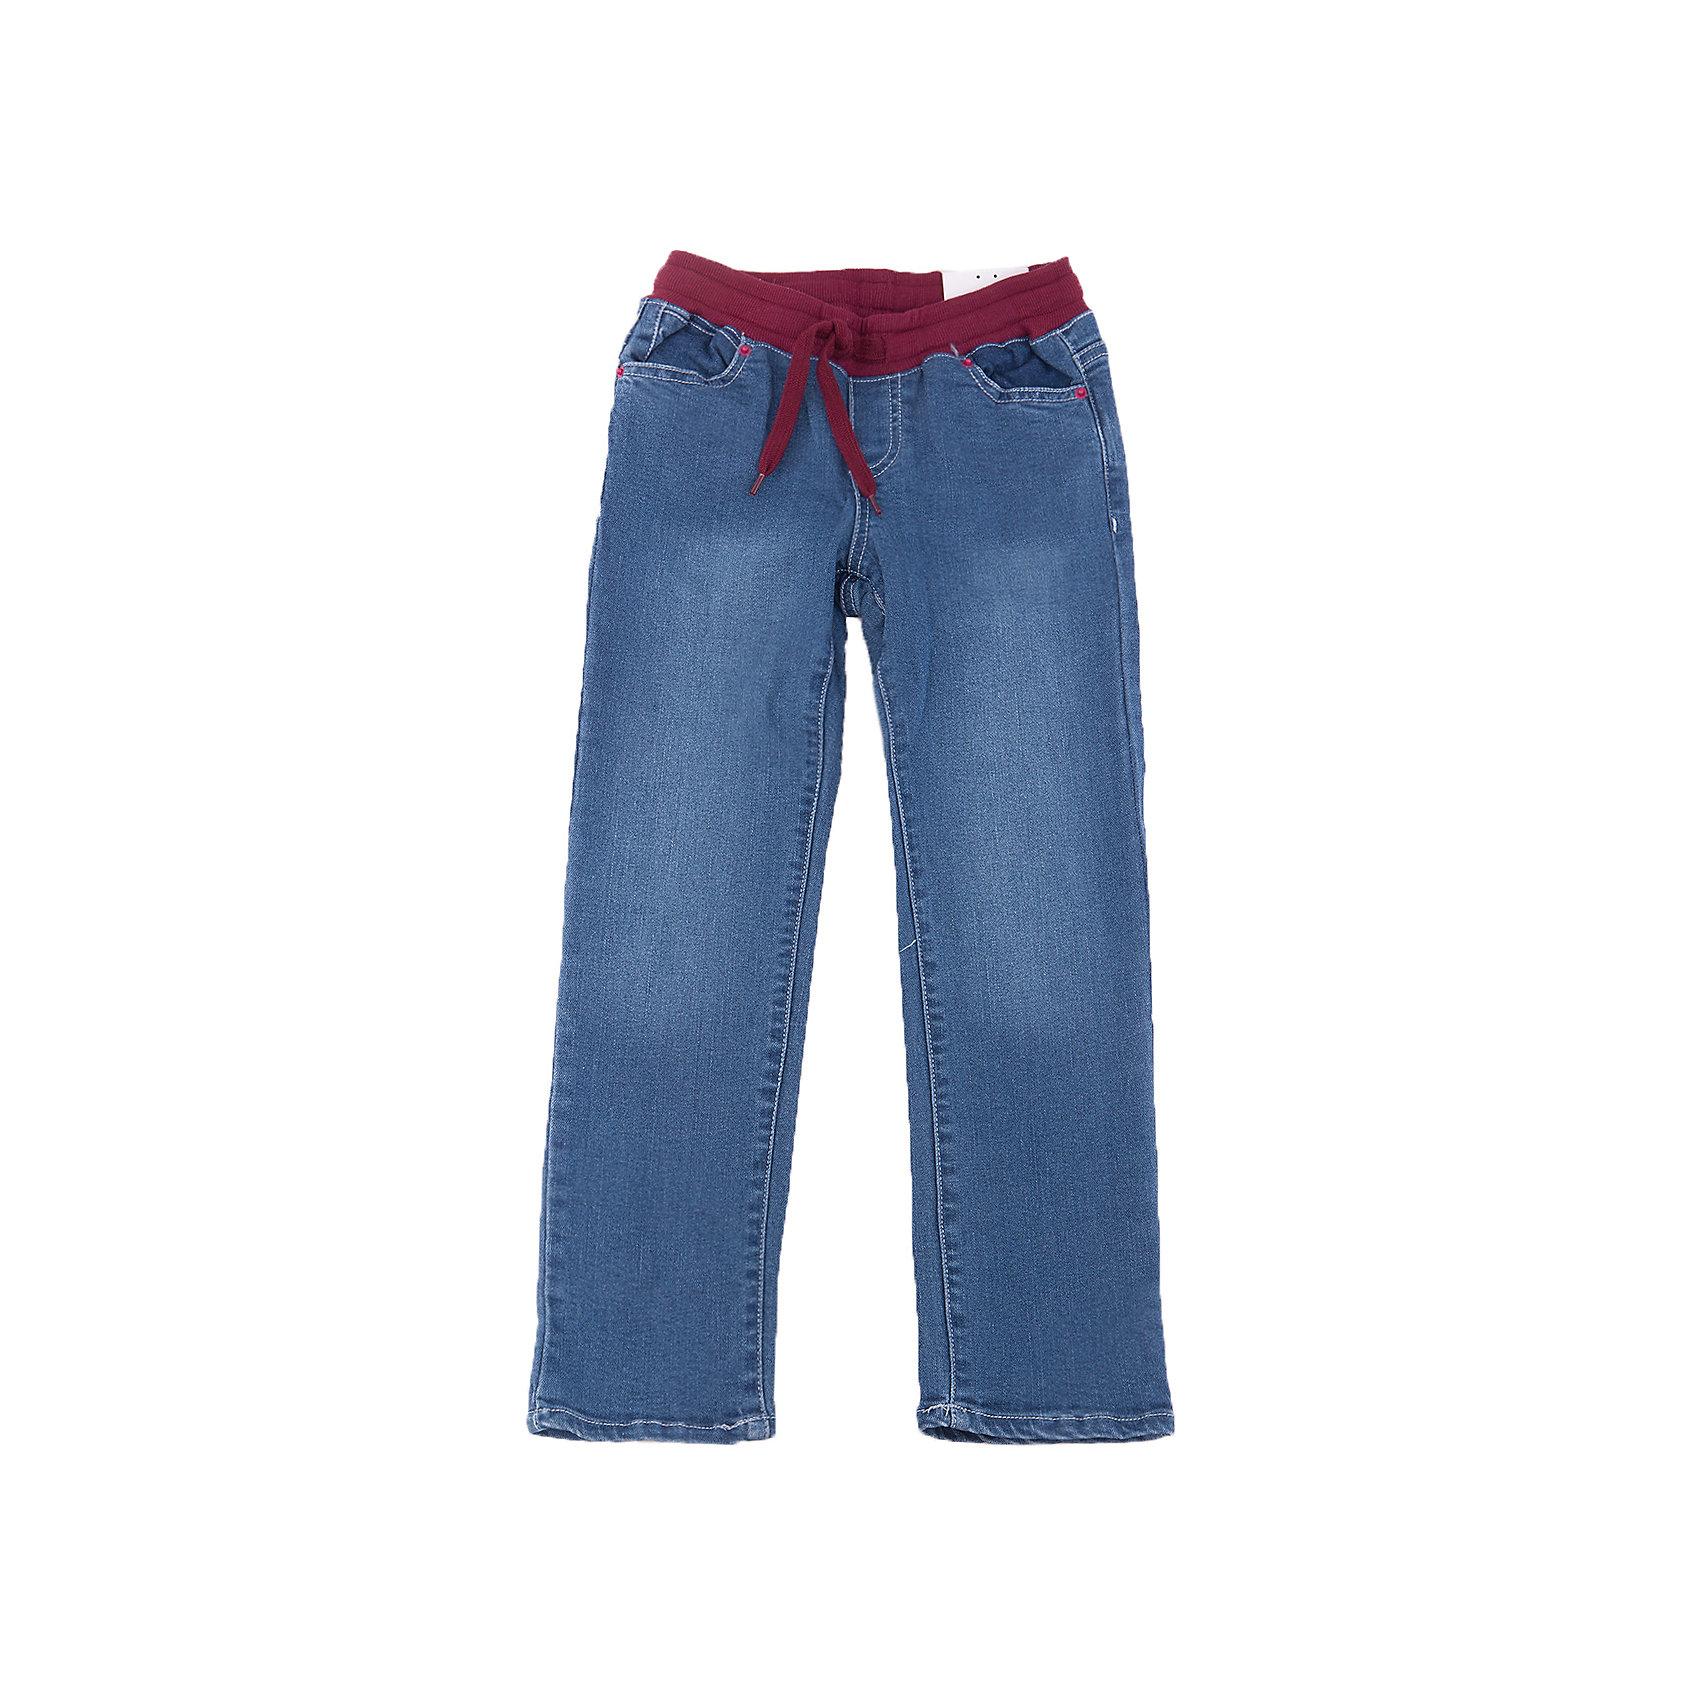 Джинсы для девочки PlayTodayДжинсы для девочки от известного бренда PlayToday.<br>Стильные хлопковые джинсы с модными потертостями. Пояс на трикотажной резинке бордового цвета, дополнительно регулируется шнурком. Есть 4 функциональных кармана. <br>Состав:<br>47% вискоза, 41% хлопок, 10% полиэстер, 2% эластан<br><br>Ширина мм: 215<br>Глубина мм: 88<br>Высота мм: 191<br>Вес г: 336<br>Цвет: синий<br>Возраст от месяцев: 48<br>Возраст до месяцев: 60<br>Пол: Женский<br>Возраст: Детский<br>Размер: 110,128,104,122,98,116<br>SKU: 4898004